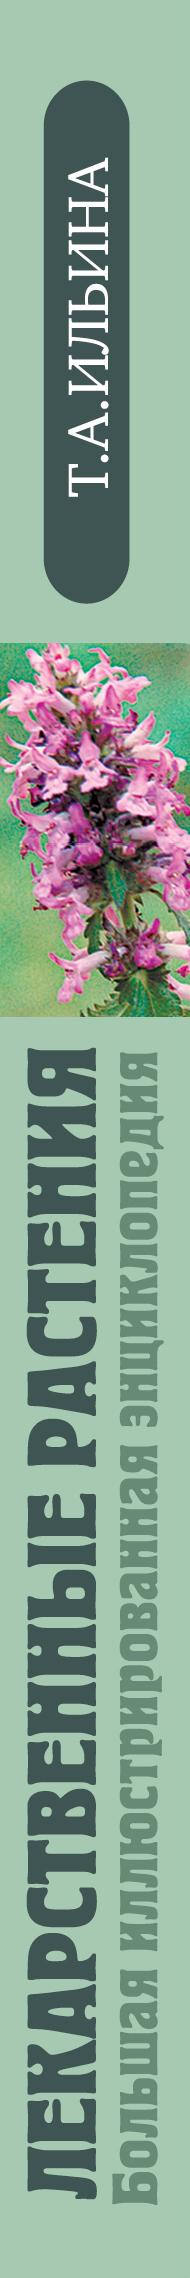 Ильина Татьяна Александровна. Лекарственные растения. Большая иллюстрированная энциклопедия 0x0